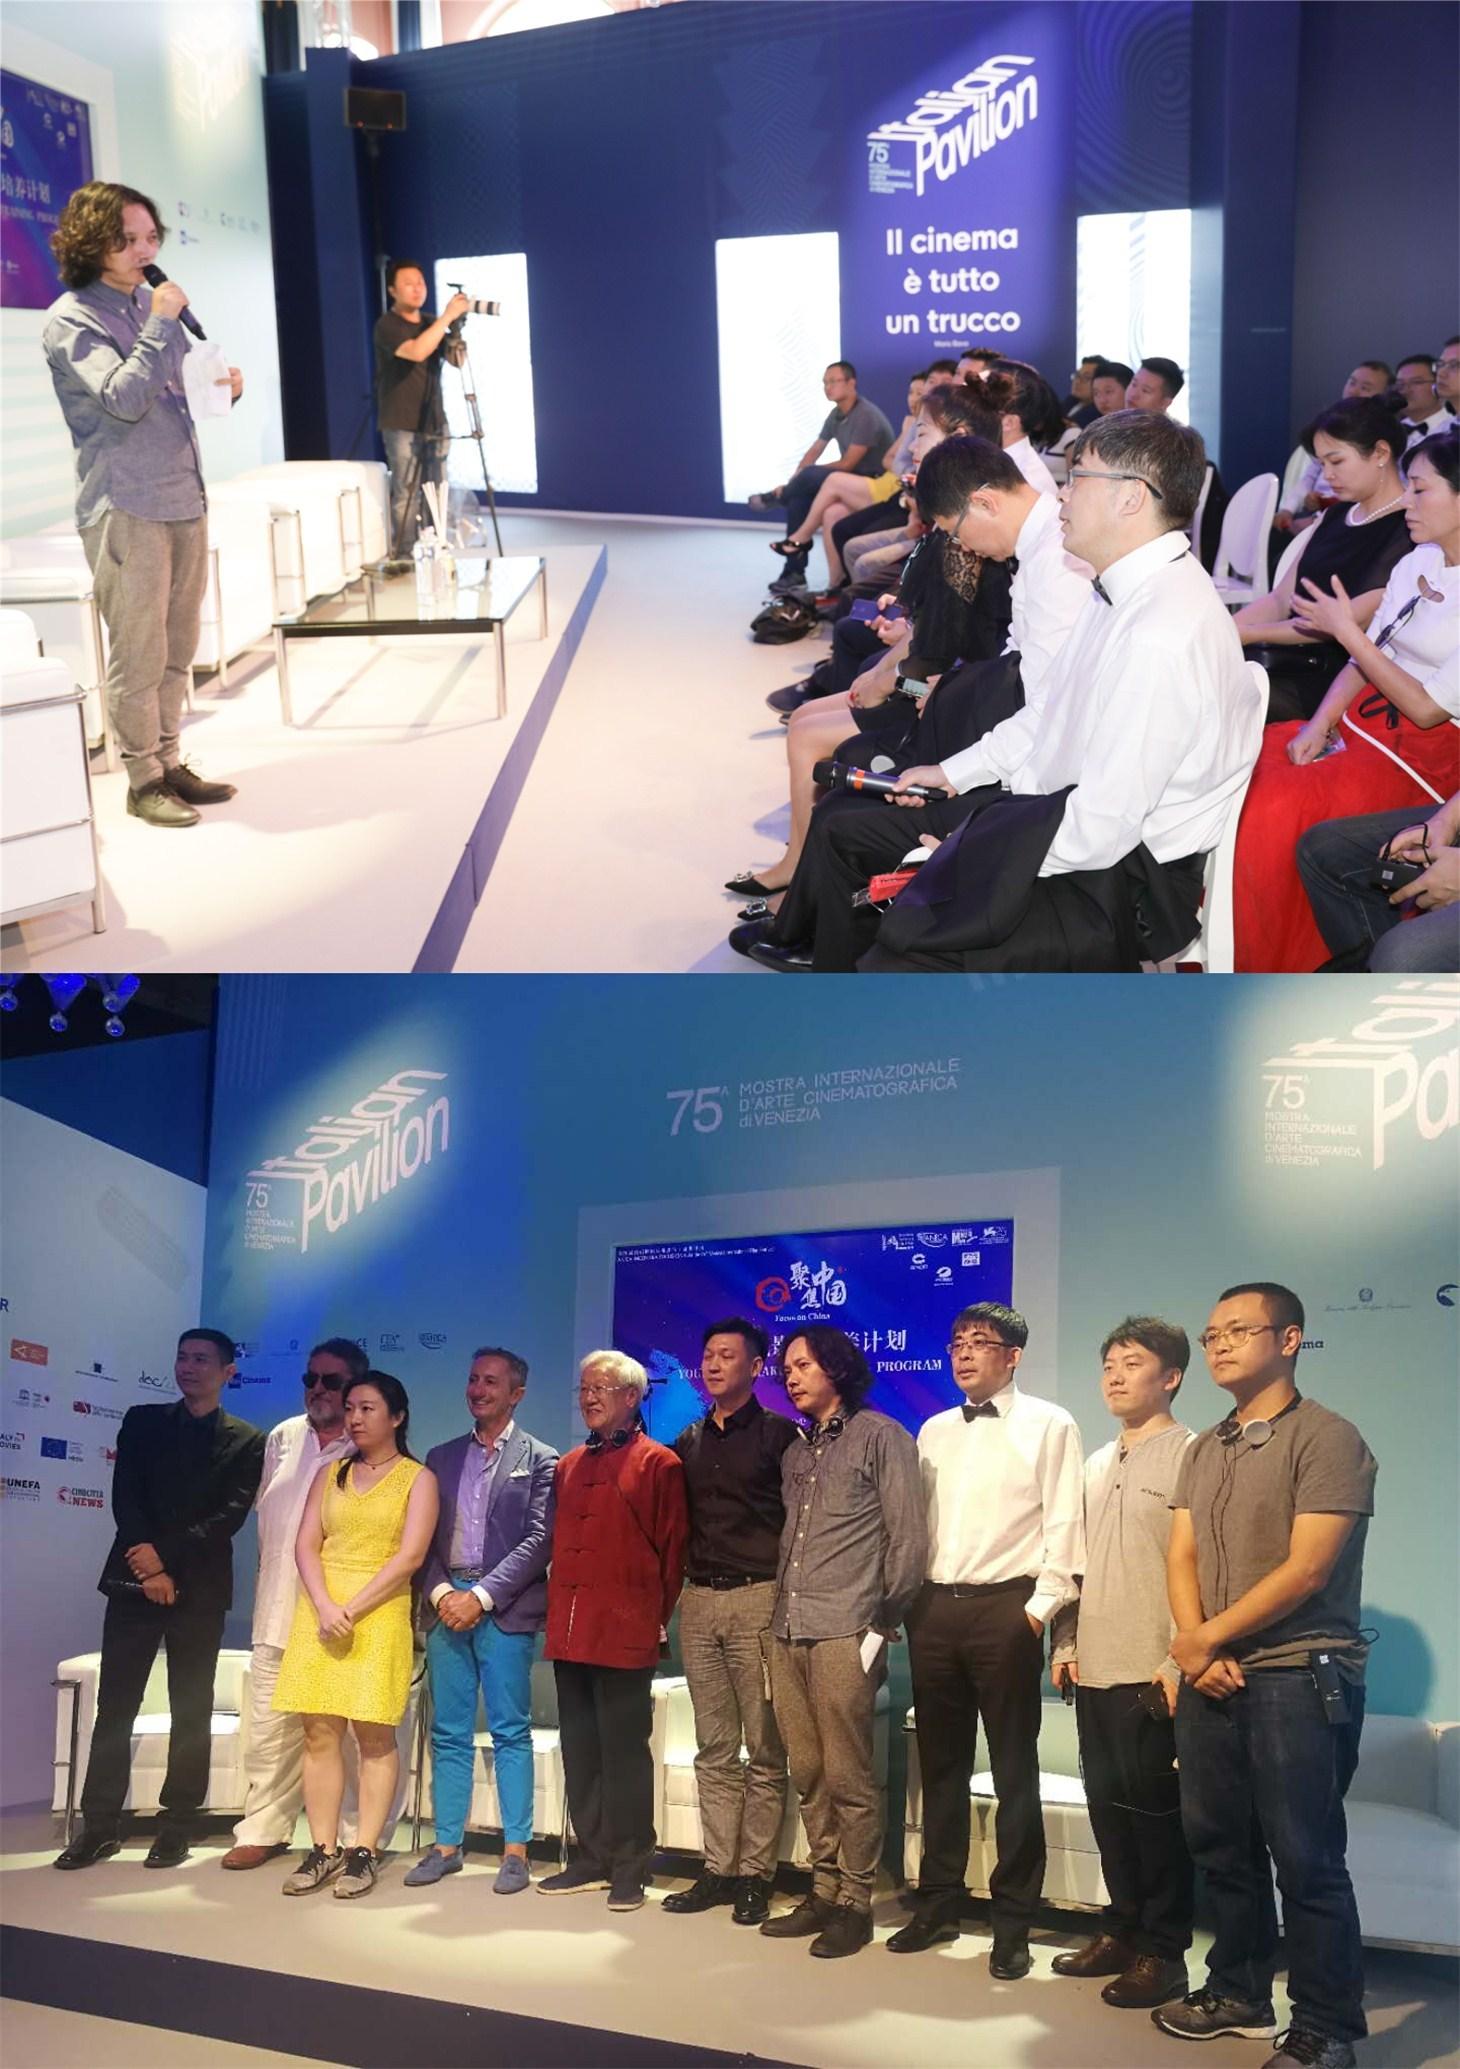 威尼斯電影節聚焦中國 導演謝飛、陶虹出席活動